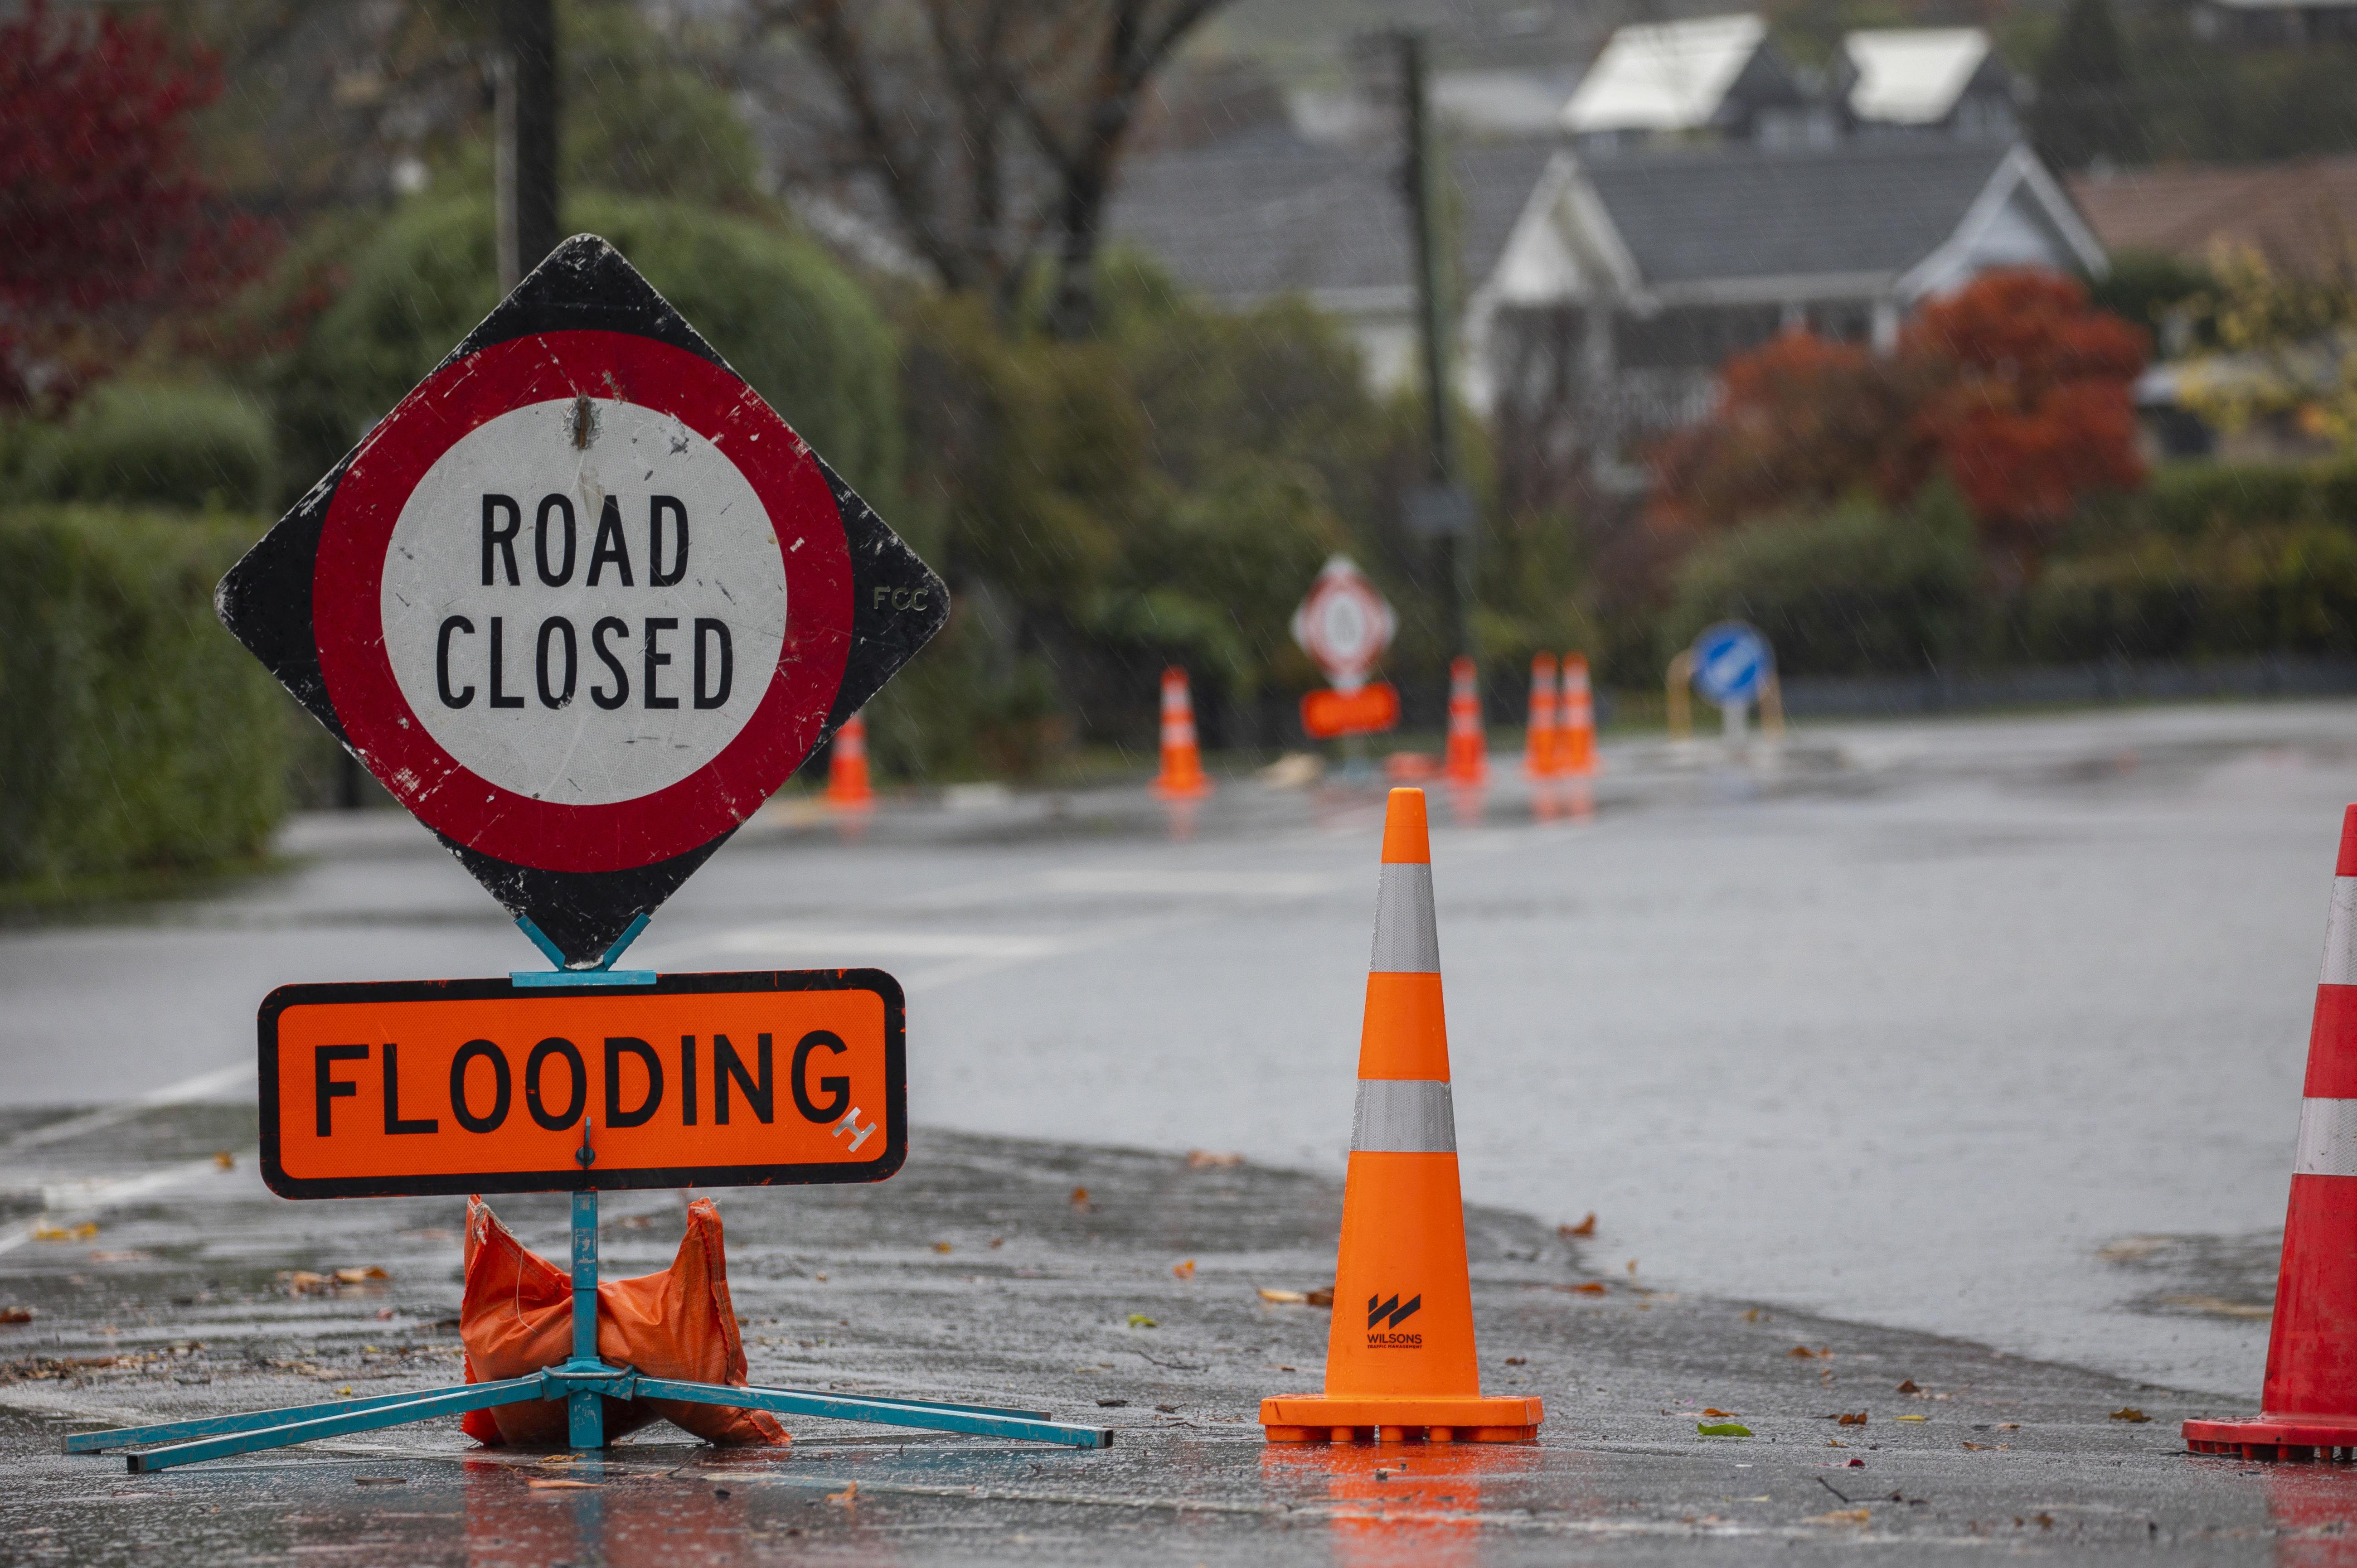 全球水循环变得更加强烈,这使得新西兰的潮湿地区更加潮湿